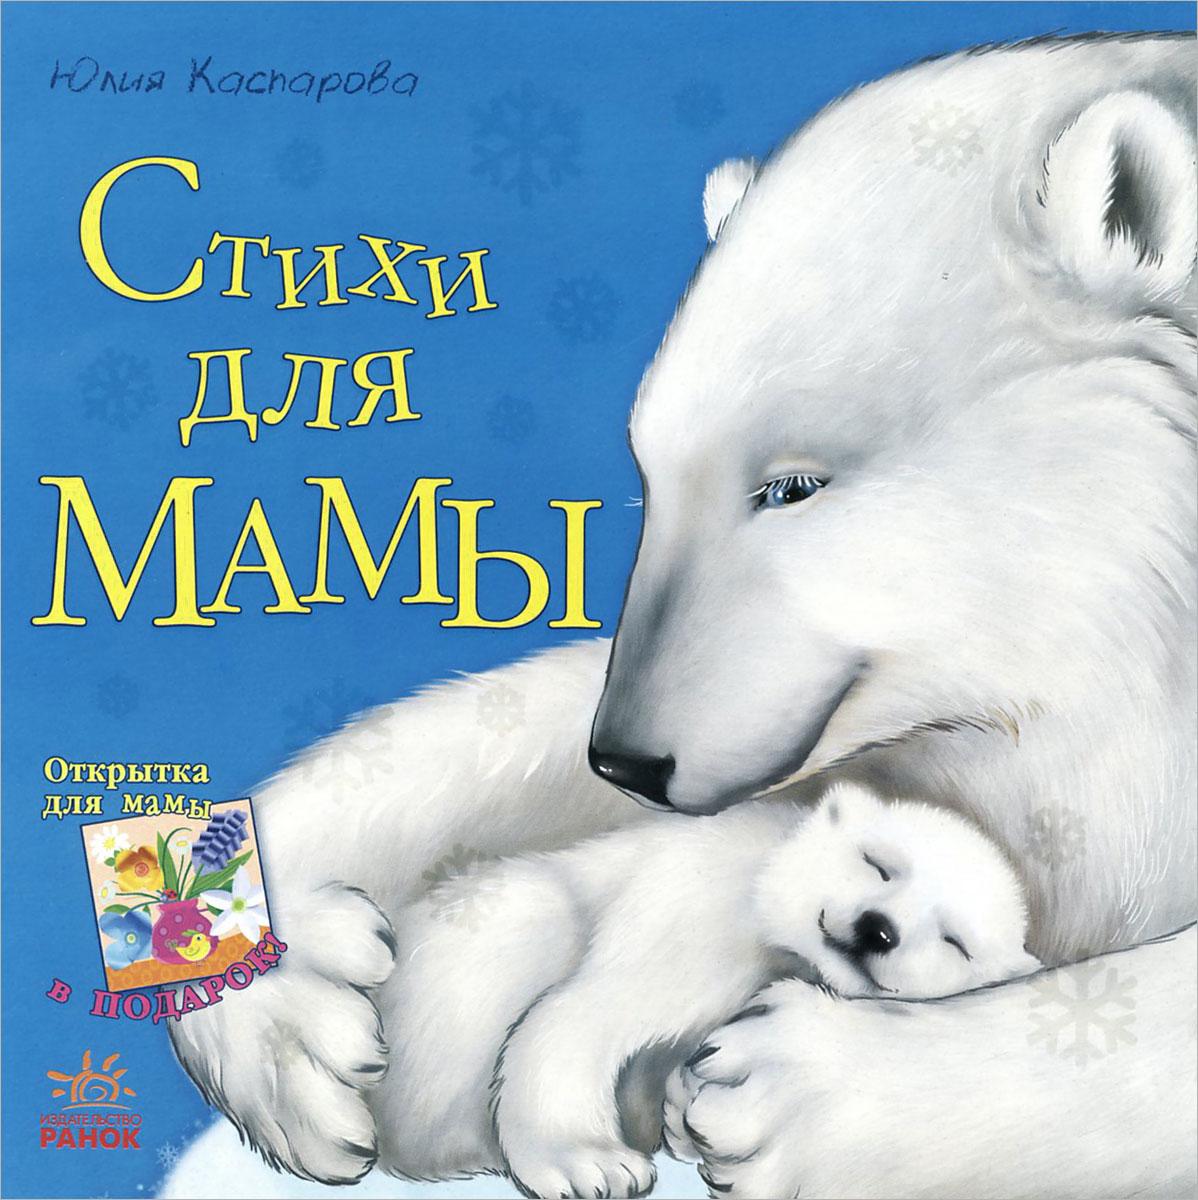 Юлия Каспарова Стихи для мамы (+ открытка) стихи для мамы детские